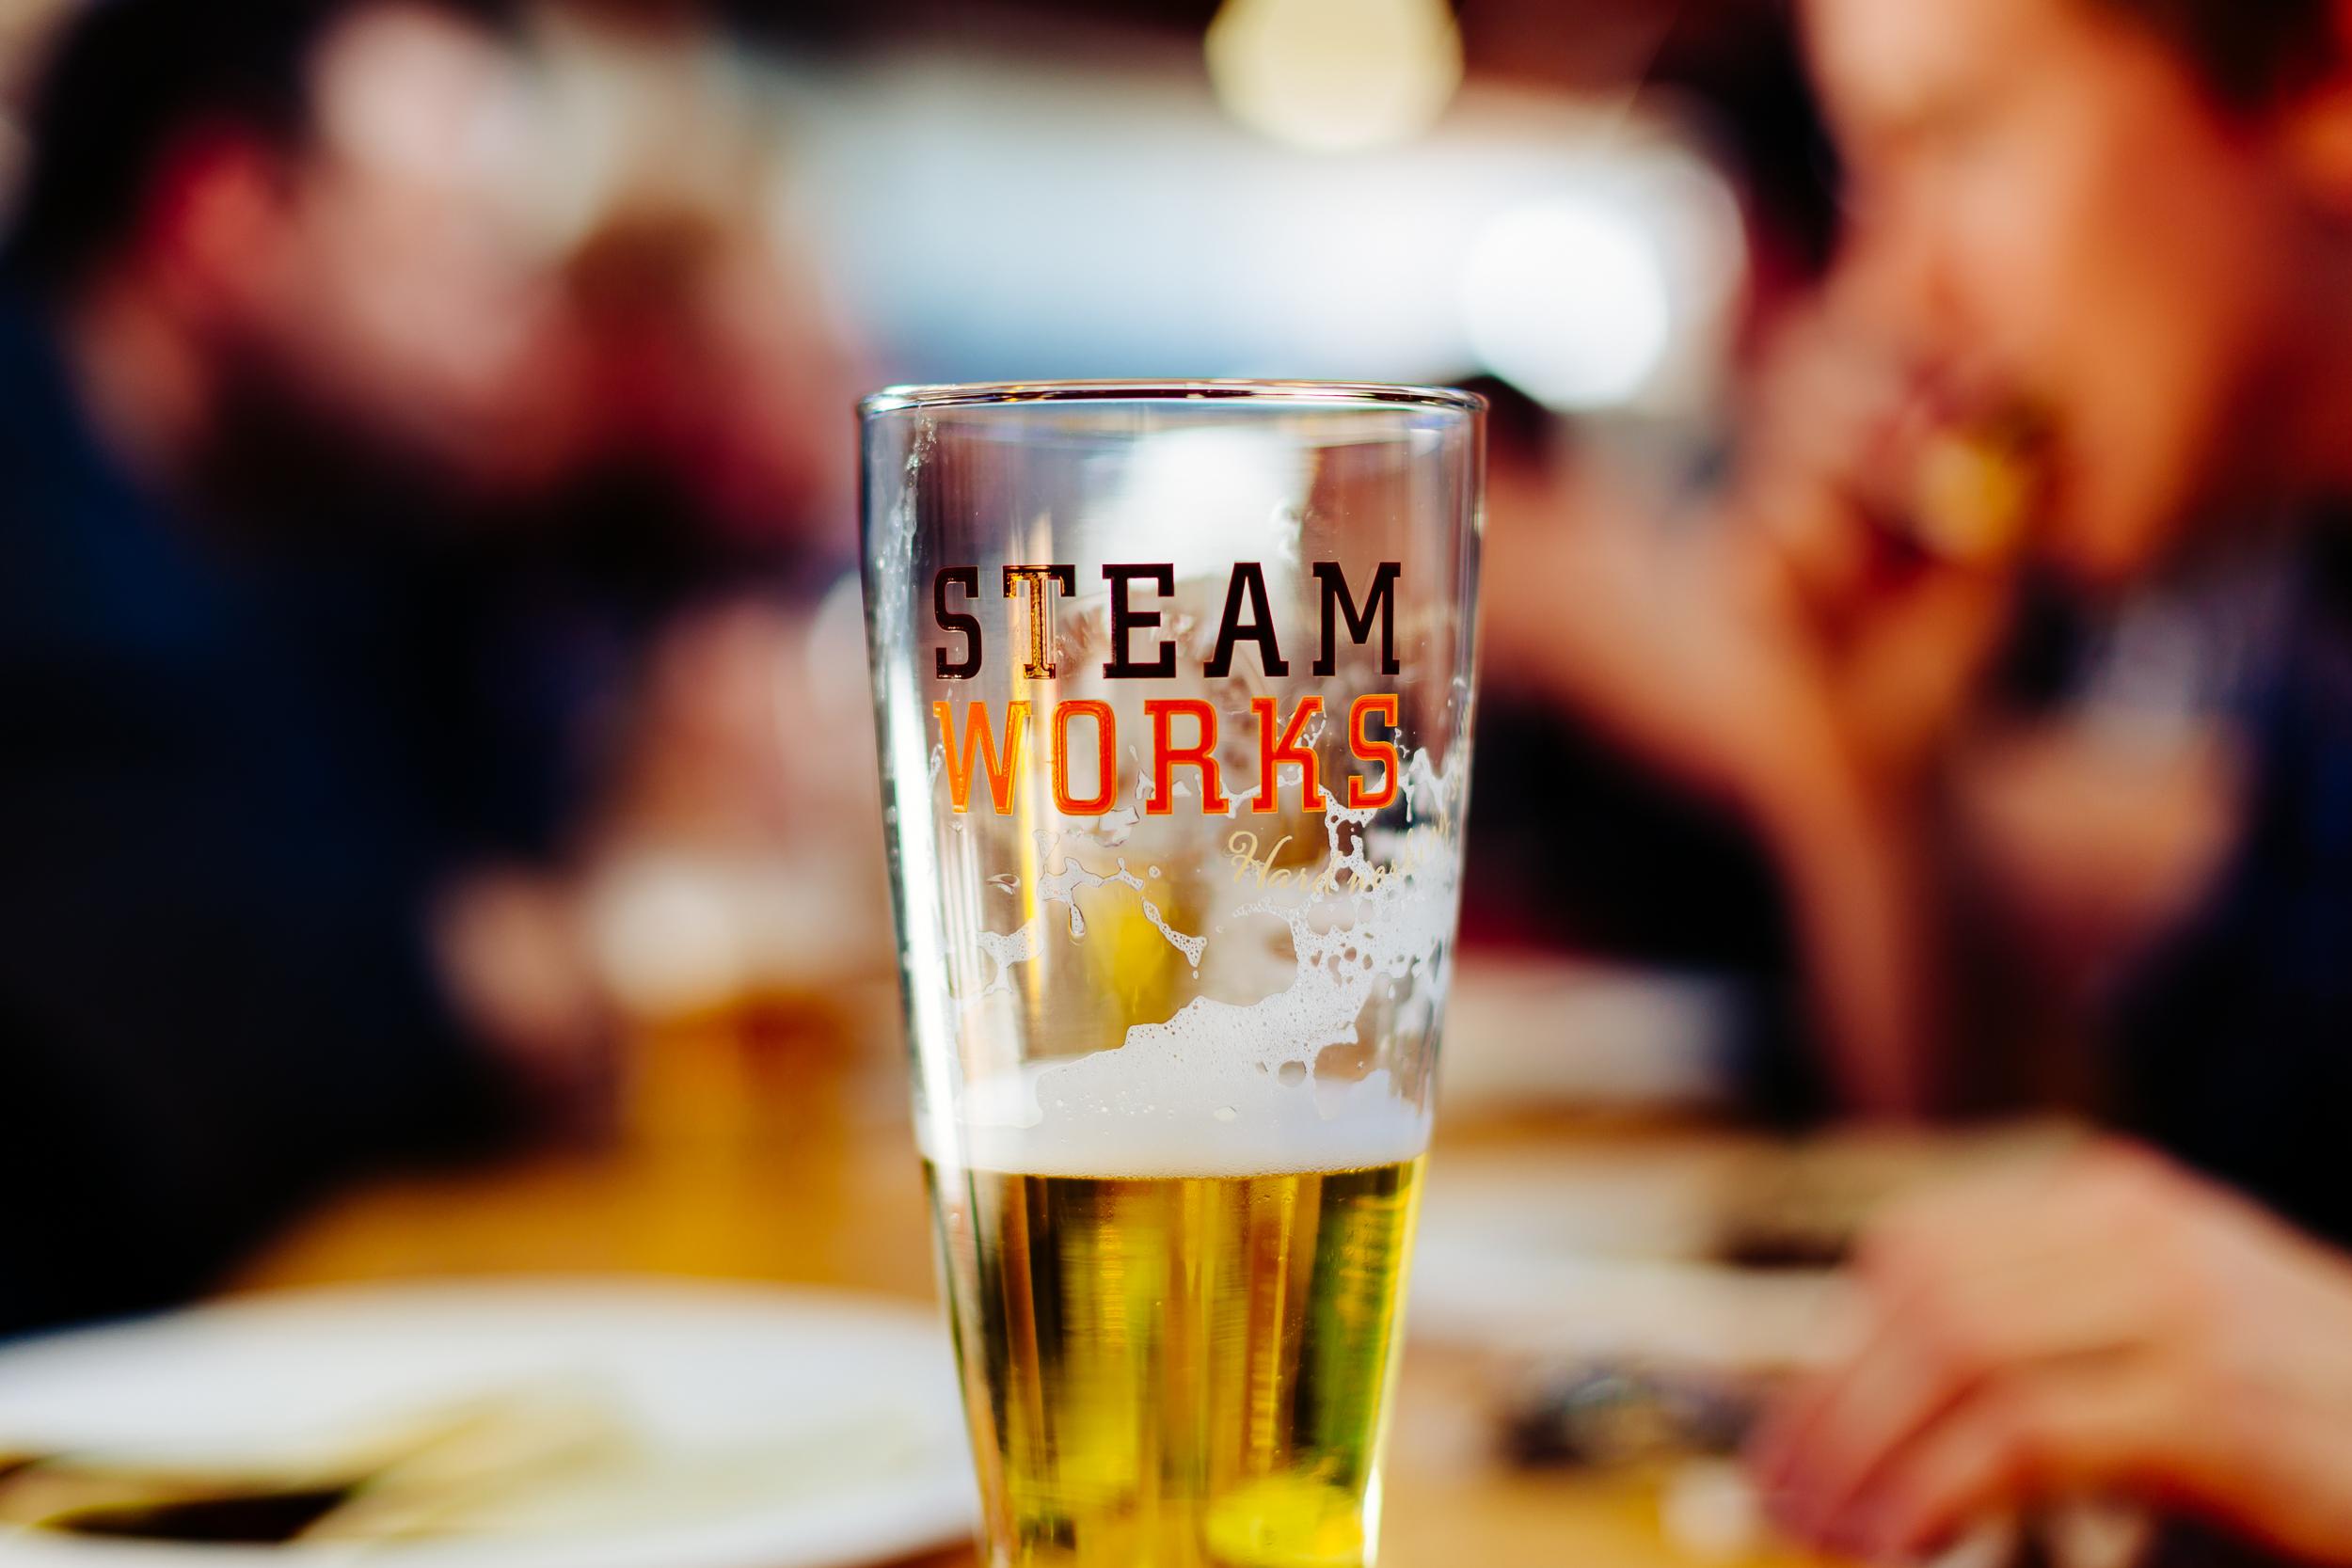 Steamworks-NewBelgium-image6.jpg